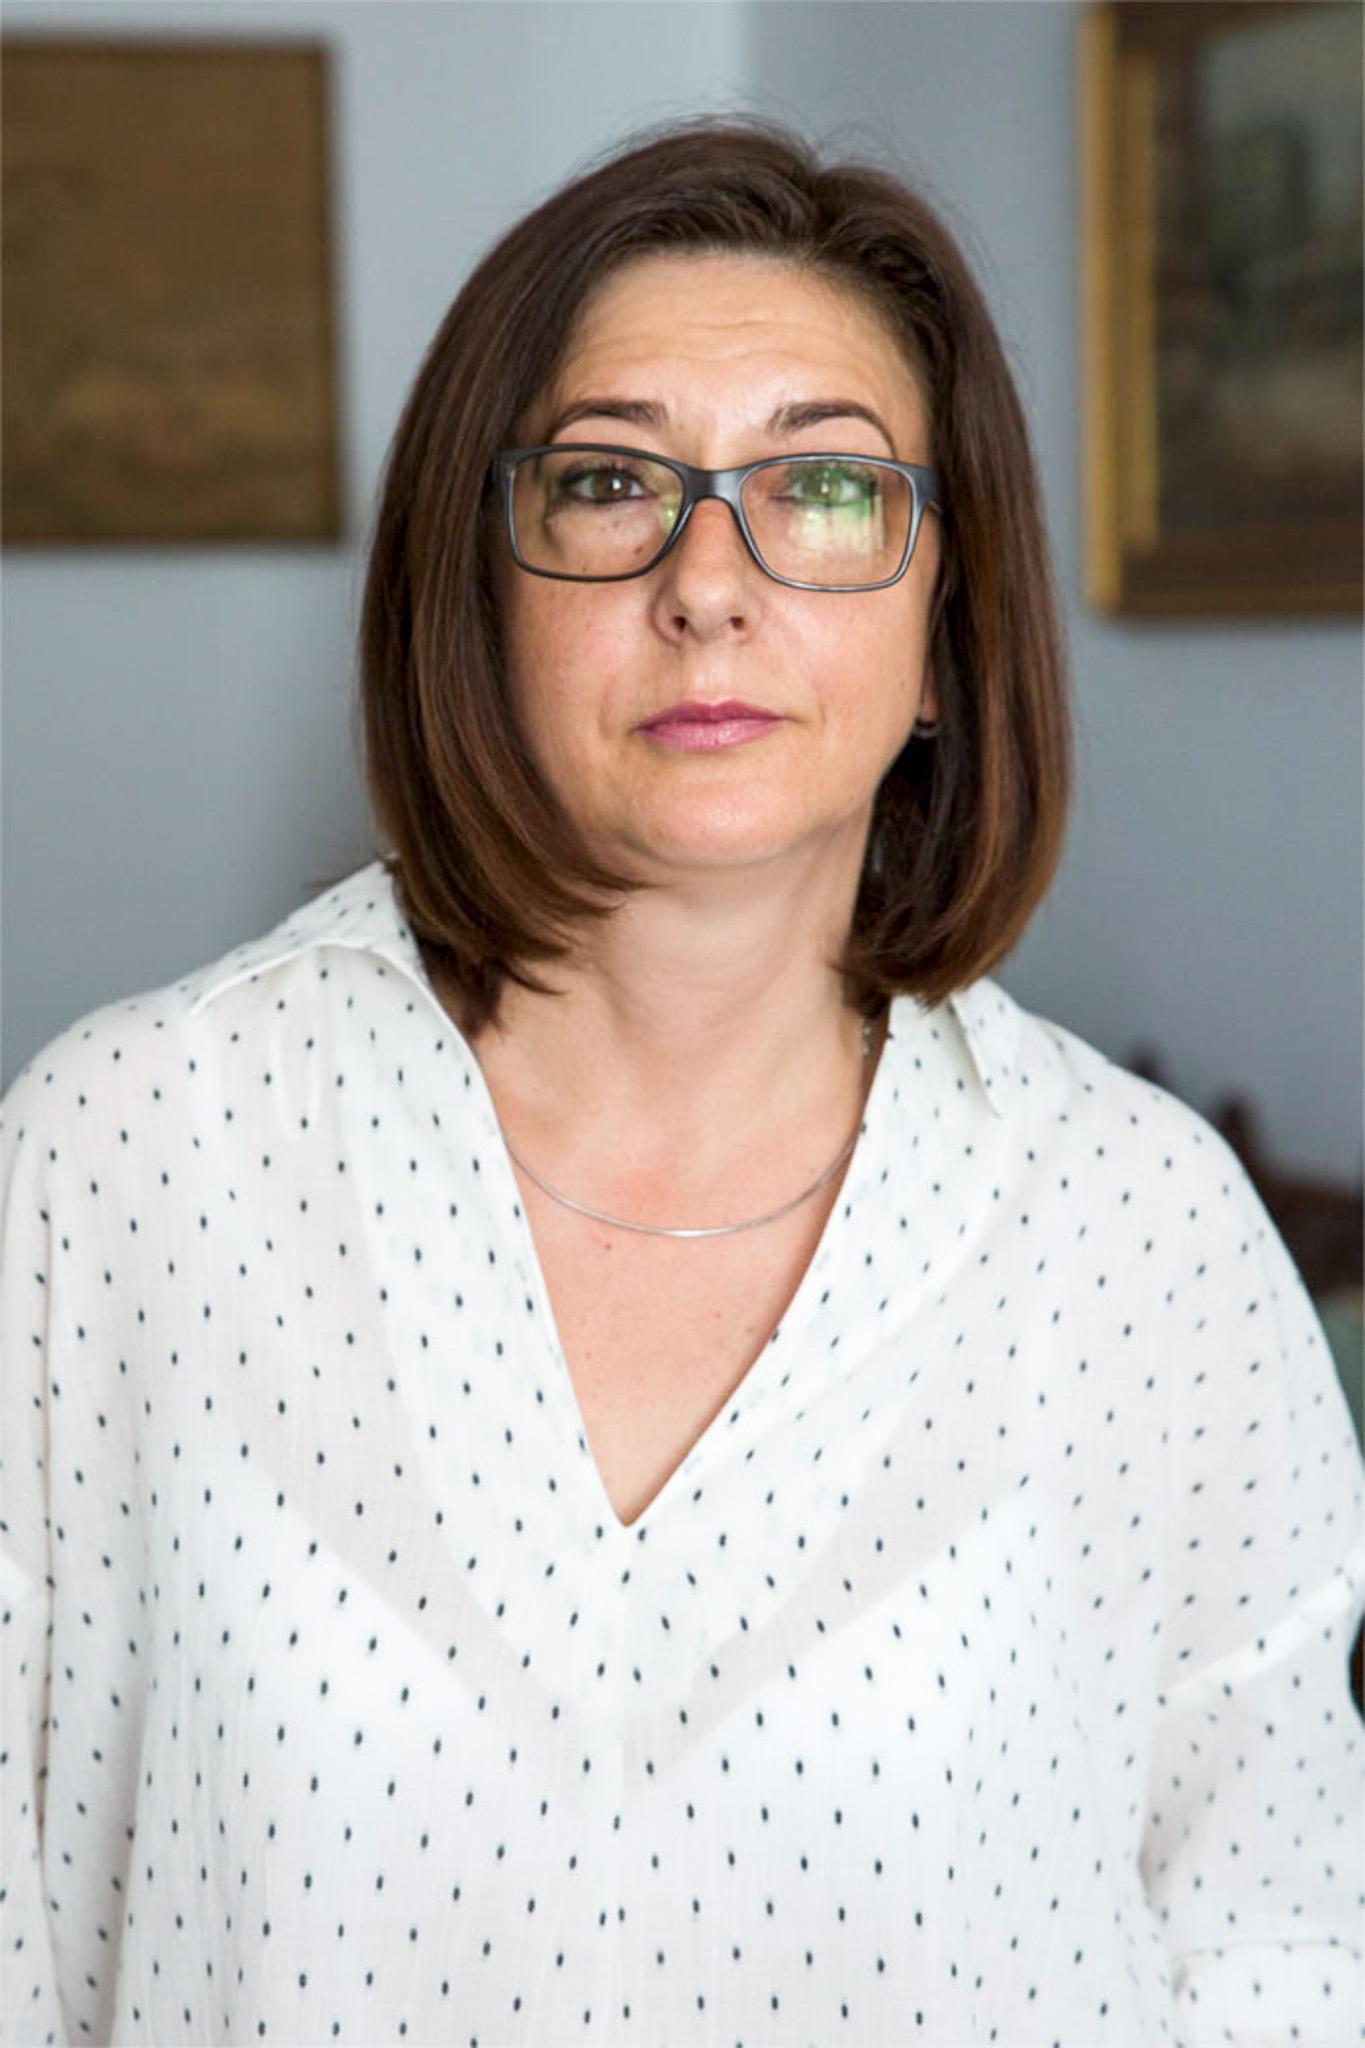 Alina Cioaba